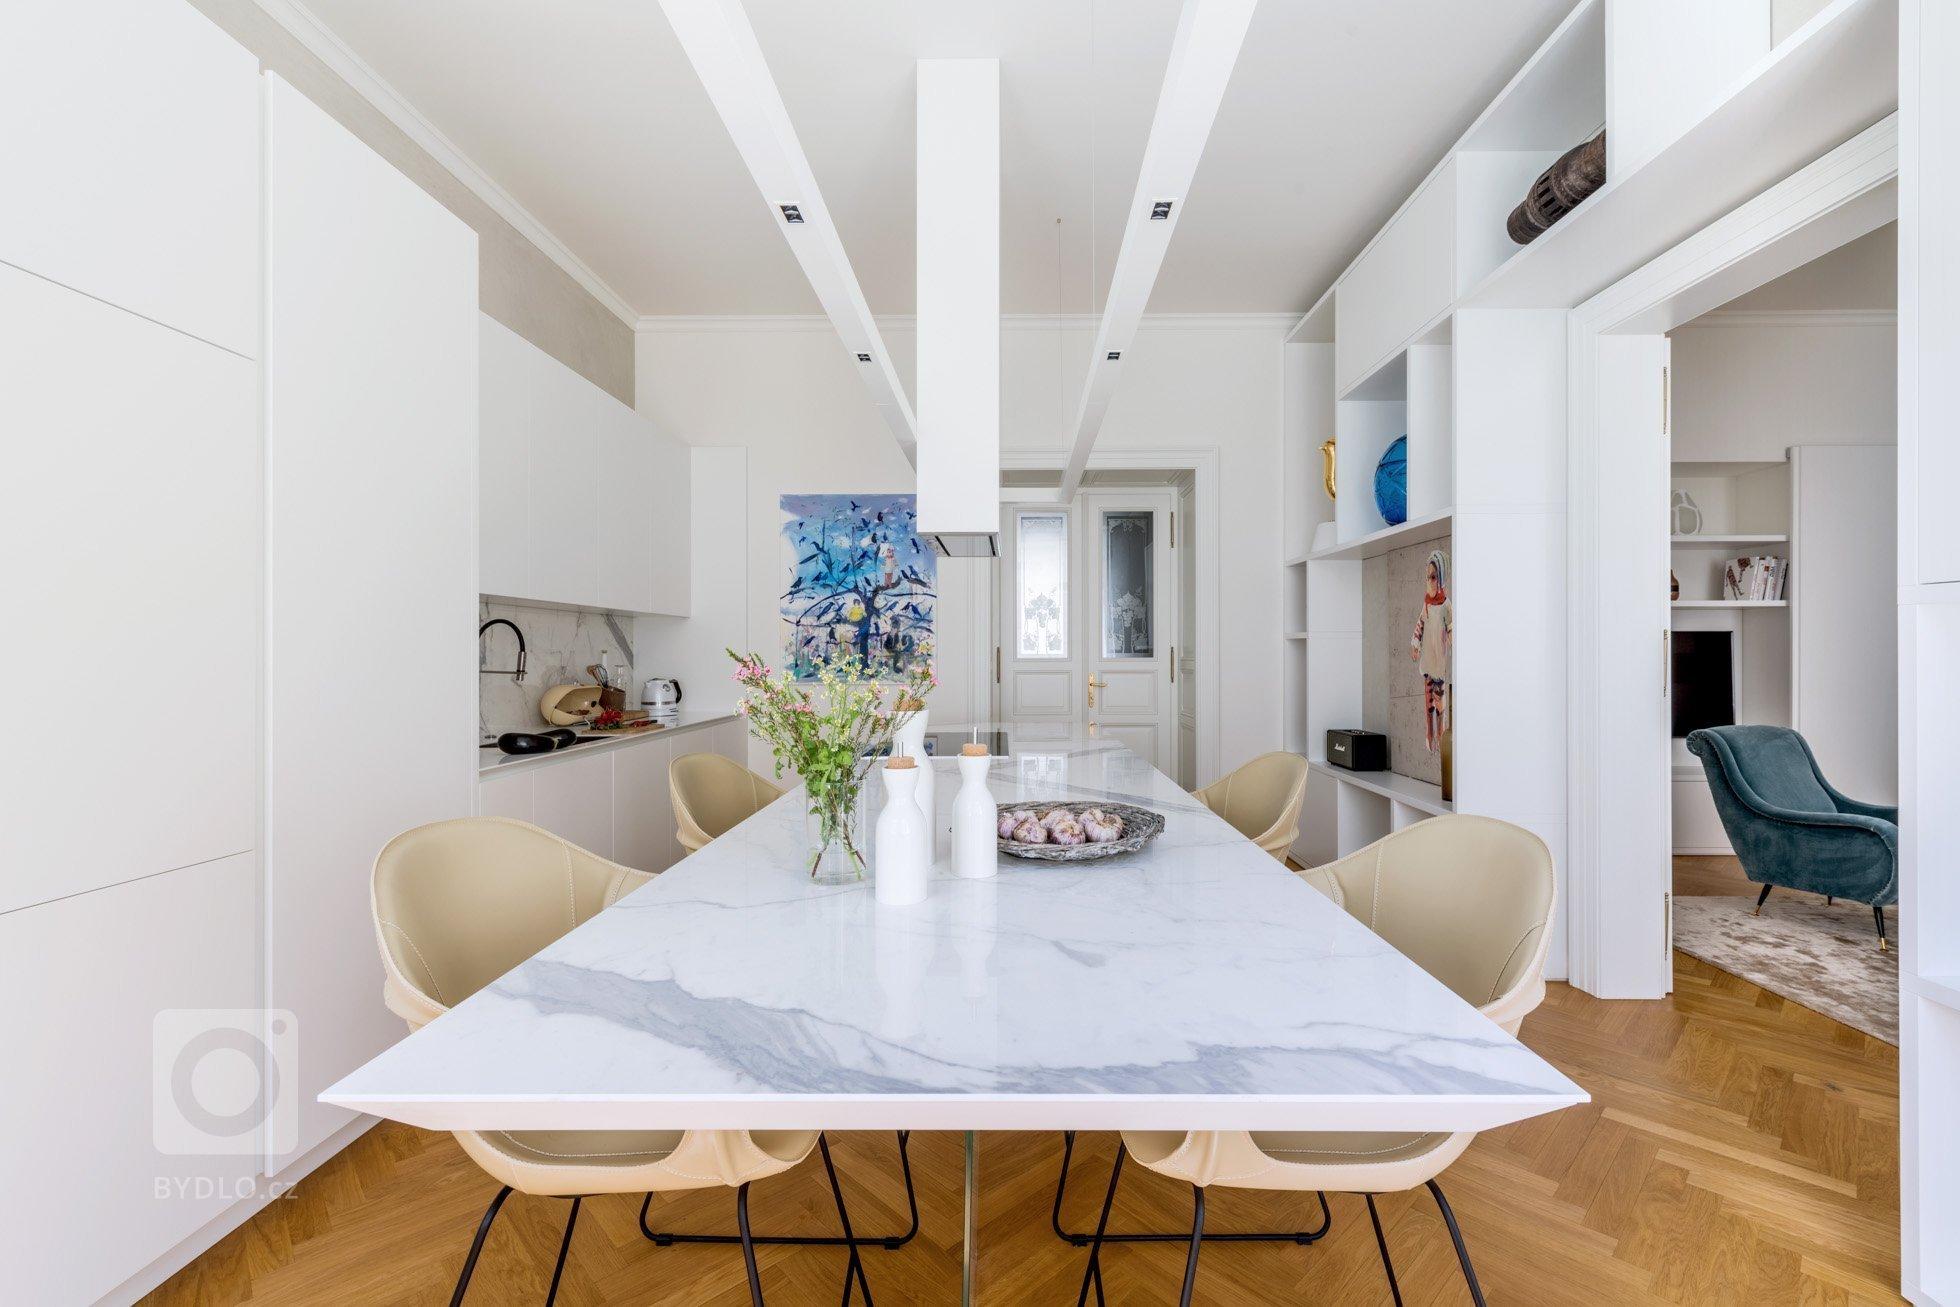 Propojit moderní akcenty shistorickým duchem kompletně zrekonstruovaného bytu včinžovním domě vsamém centru Prahy bylo pro minimalisticky…